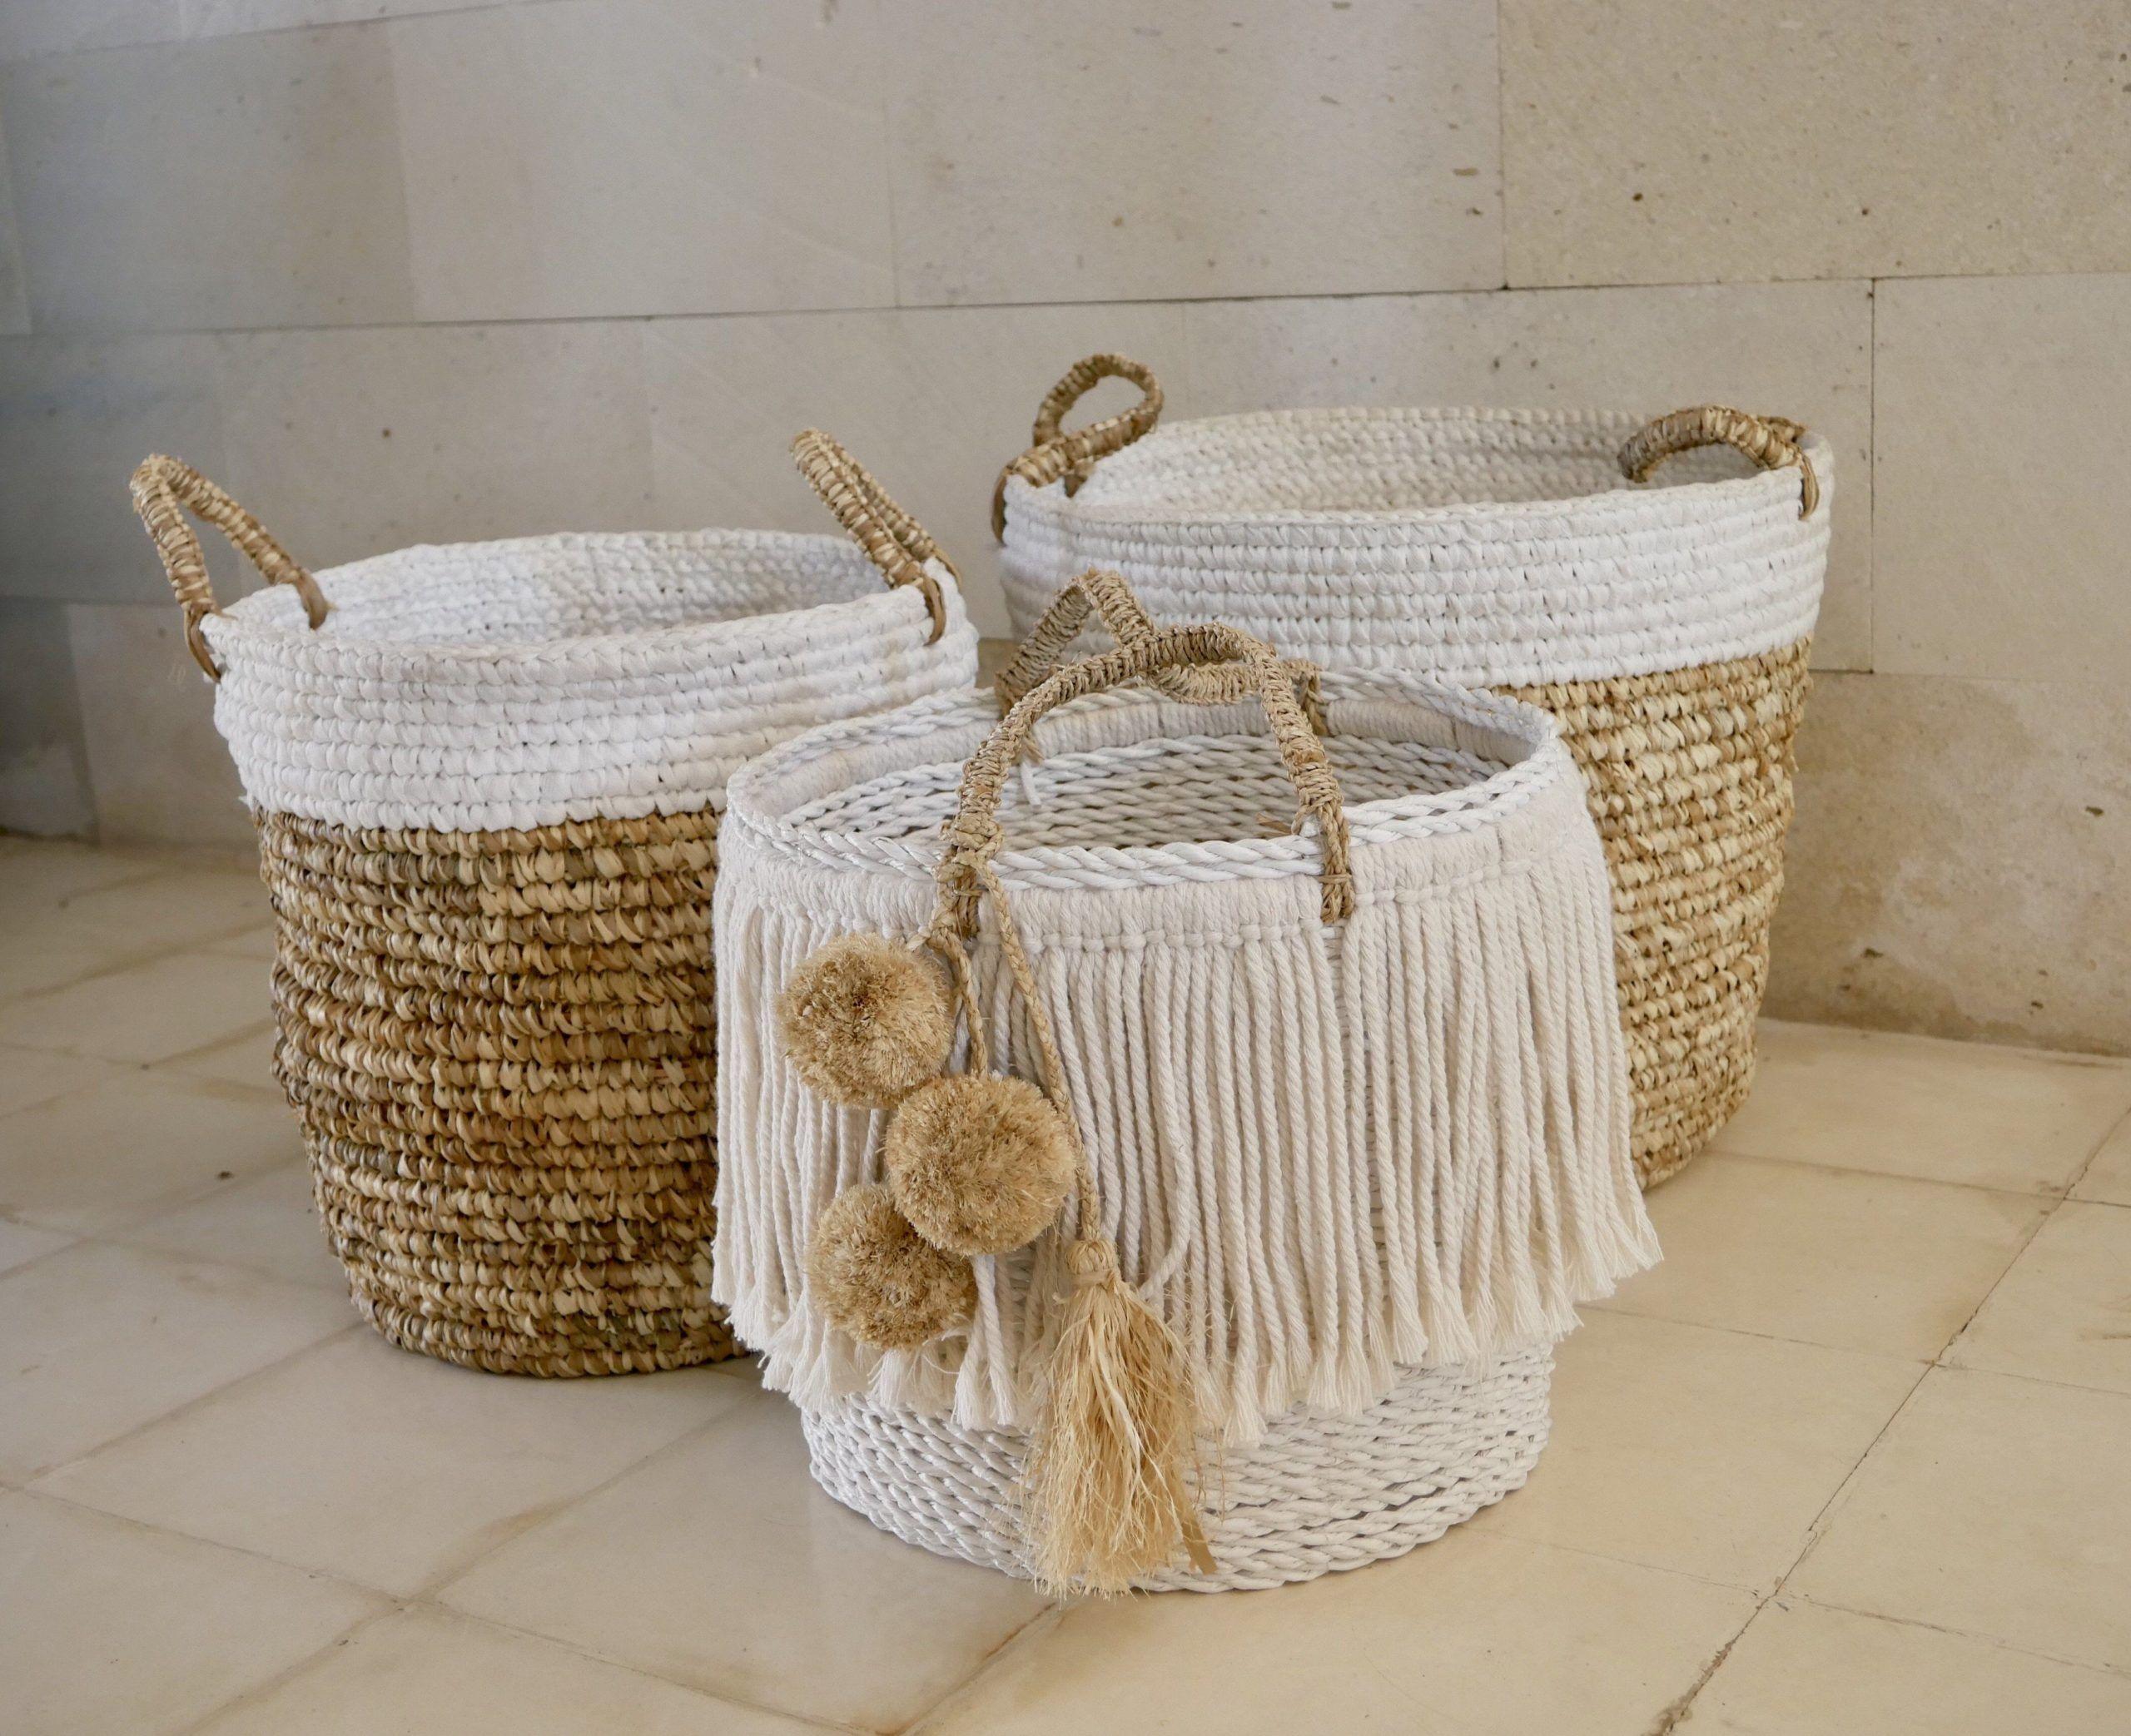 White Storage Basket With Pom Poms Canastas De Mimbre Decoradas Cestas De Almacenamiento Cesta Decorativa